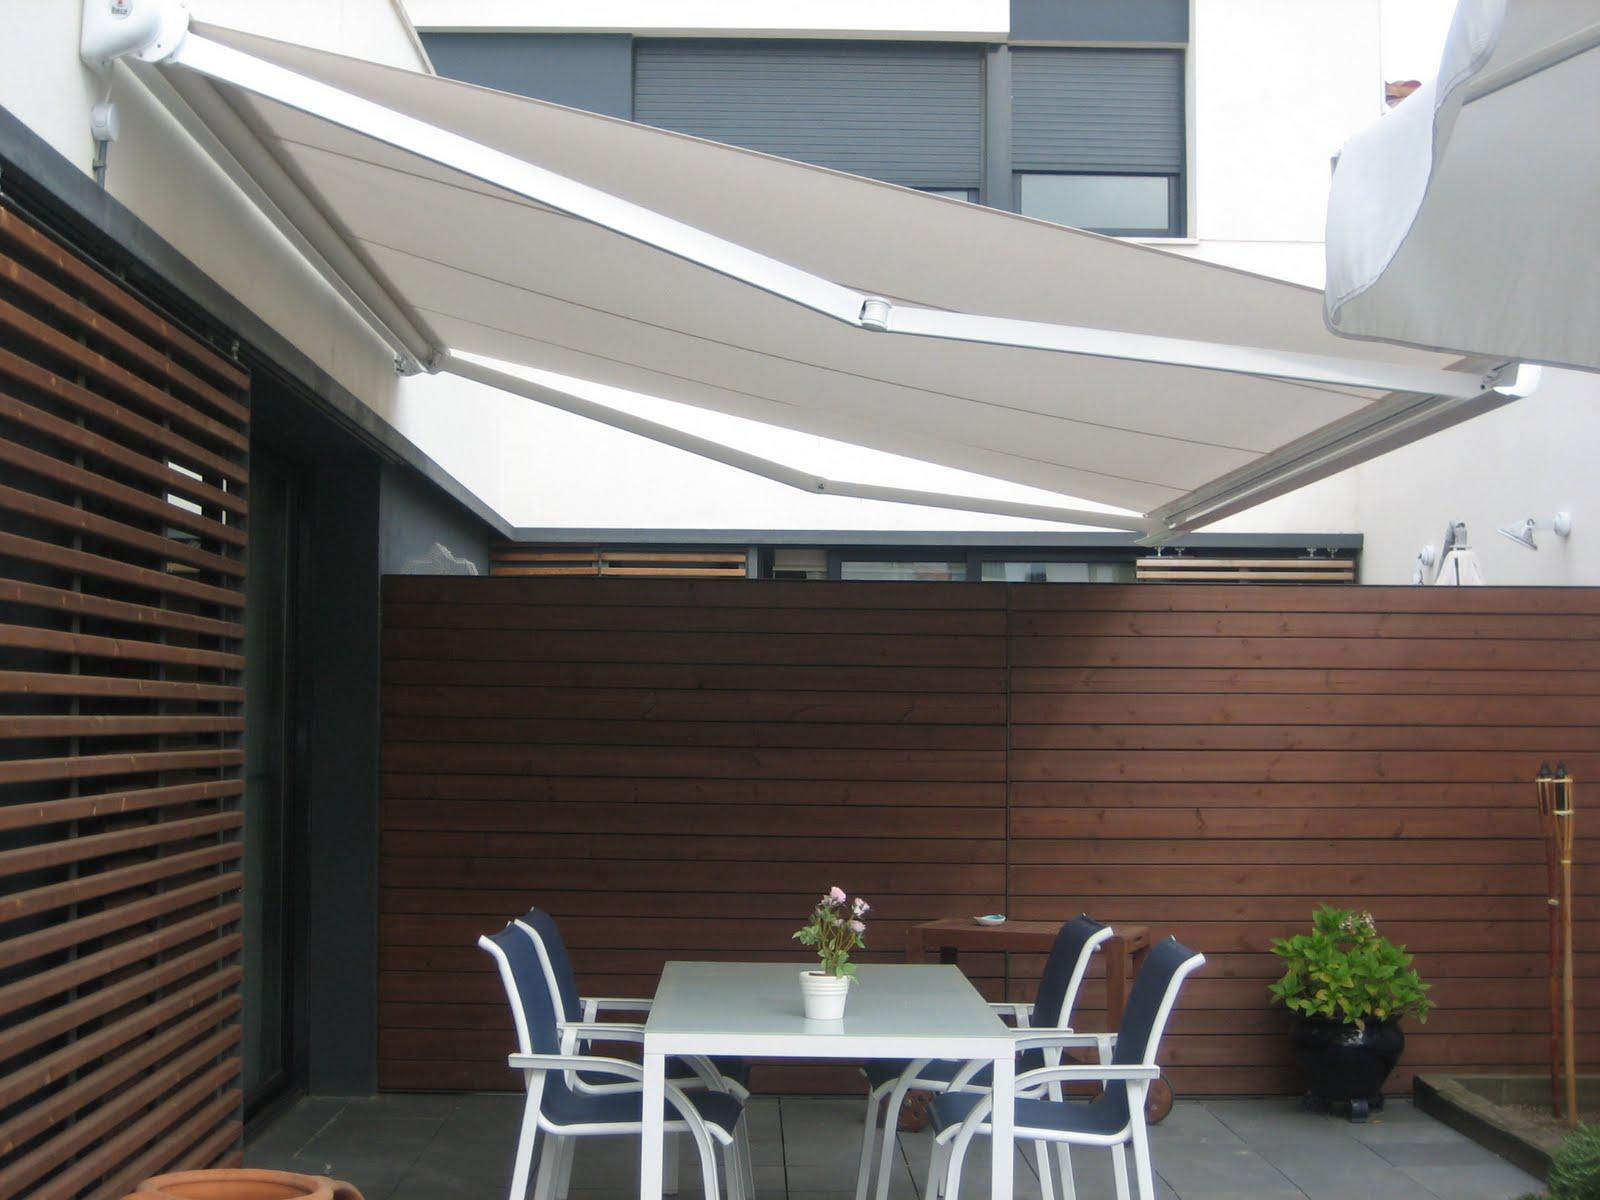 Ideas aladro i puig toldo cofre llaza motorizado for Toldos y cerramientos para patios